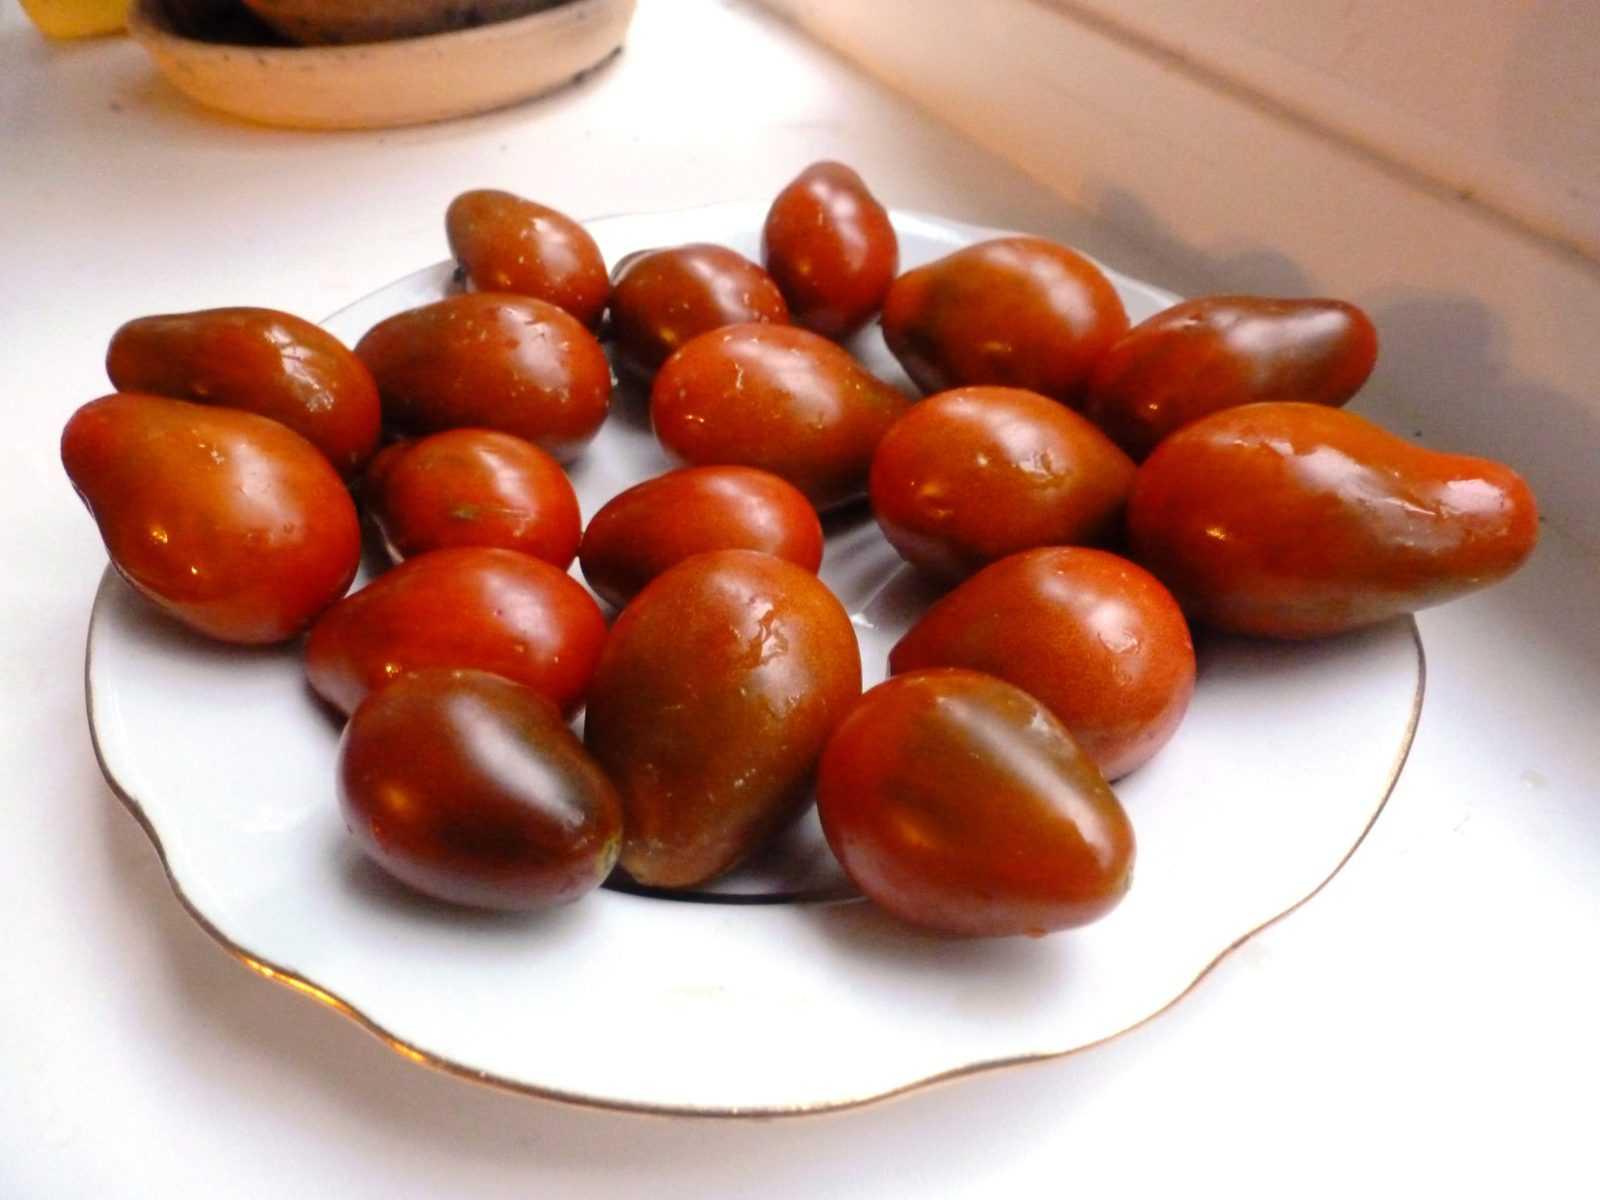 pomidory-cherri-foto-video-luchshie-sorta-opisanie-lichnyj-opyt-vyrashhivaniya-26